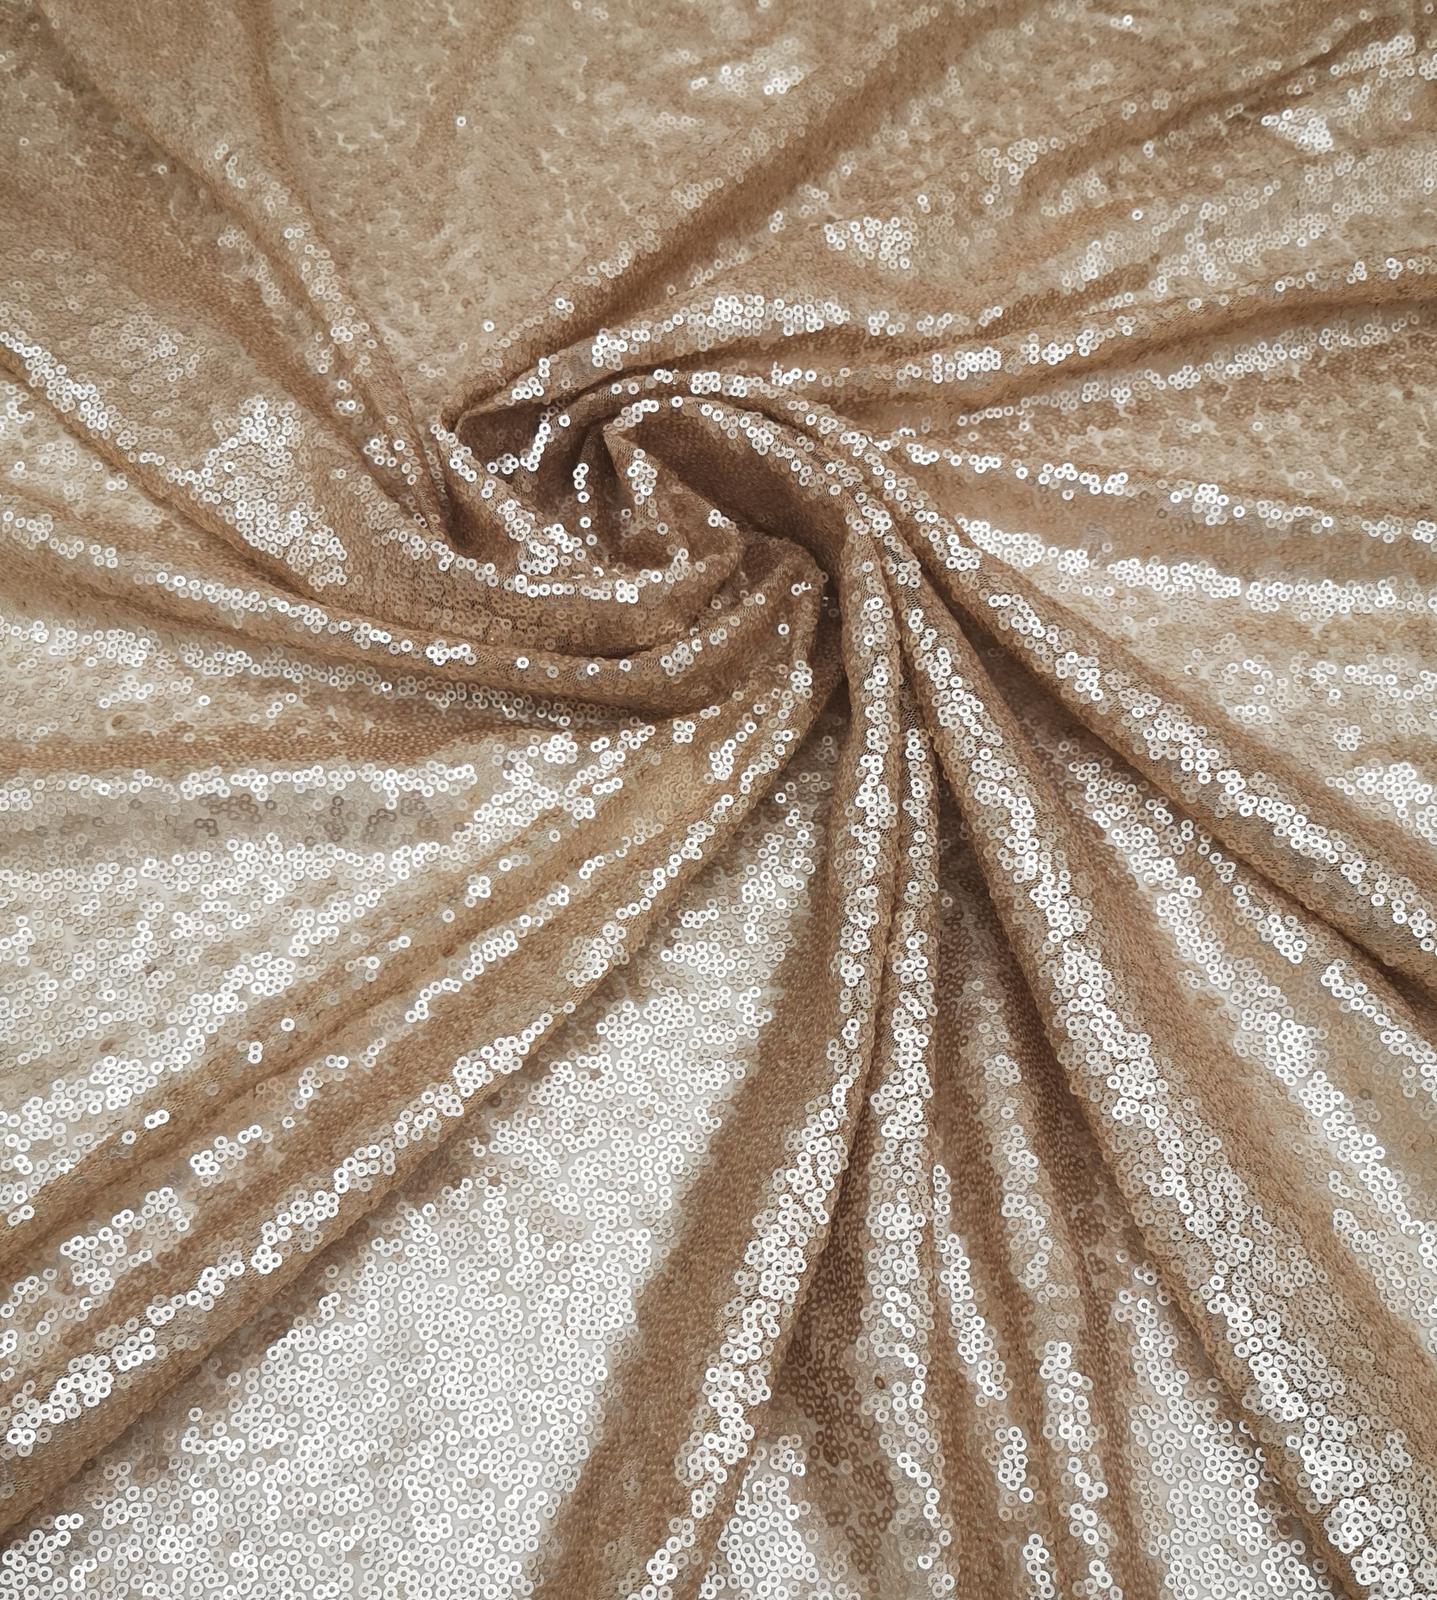 Prenájom - Flitrovaný obrus champagne 120 x 180 cm - Obrázok č. 1